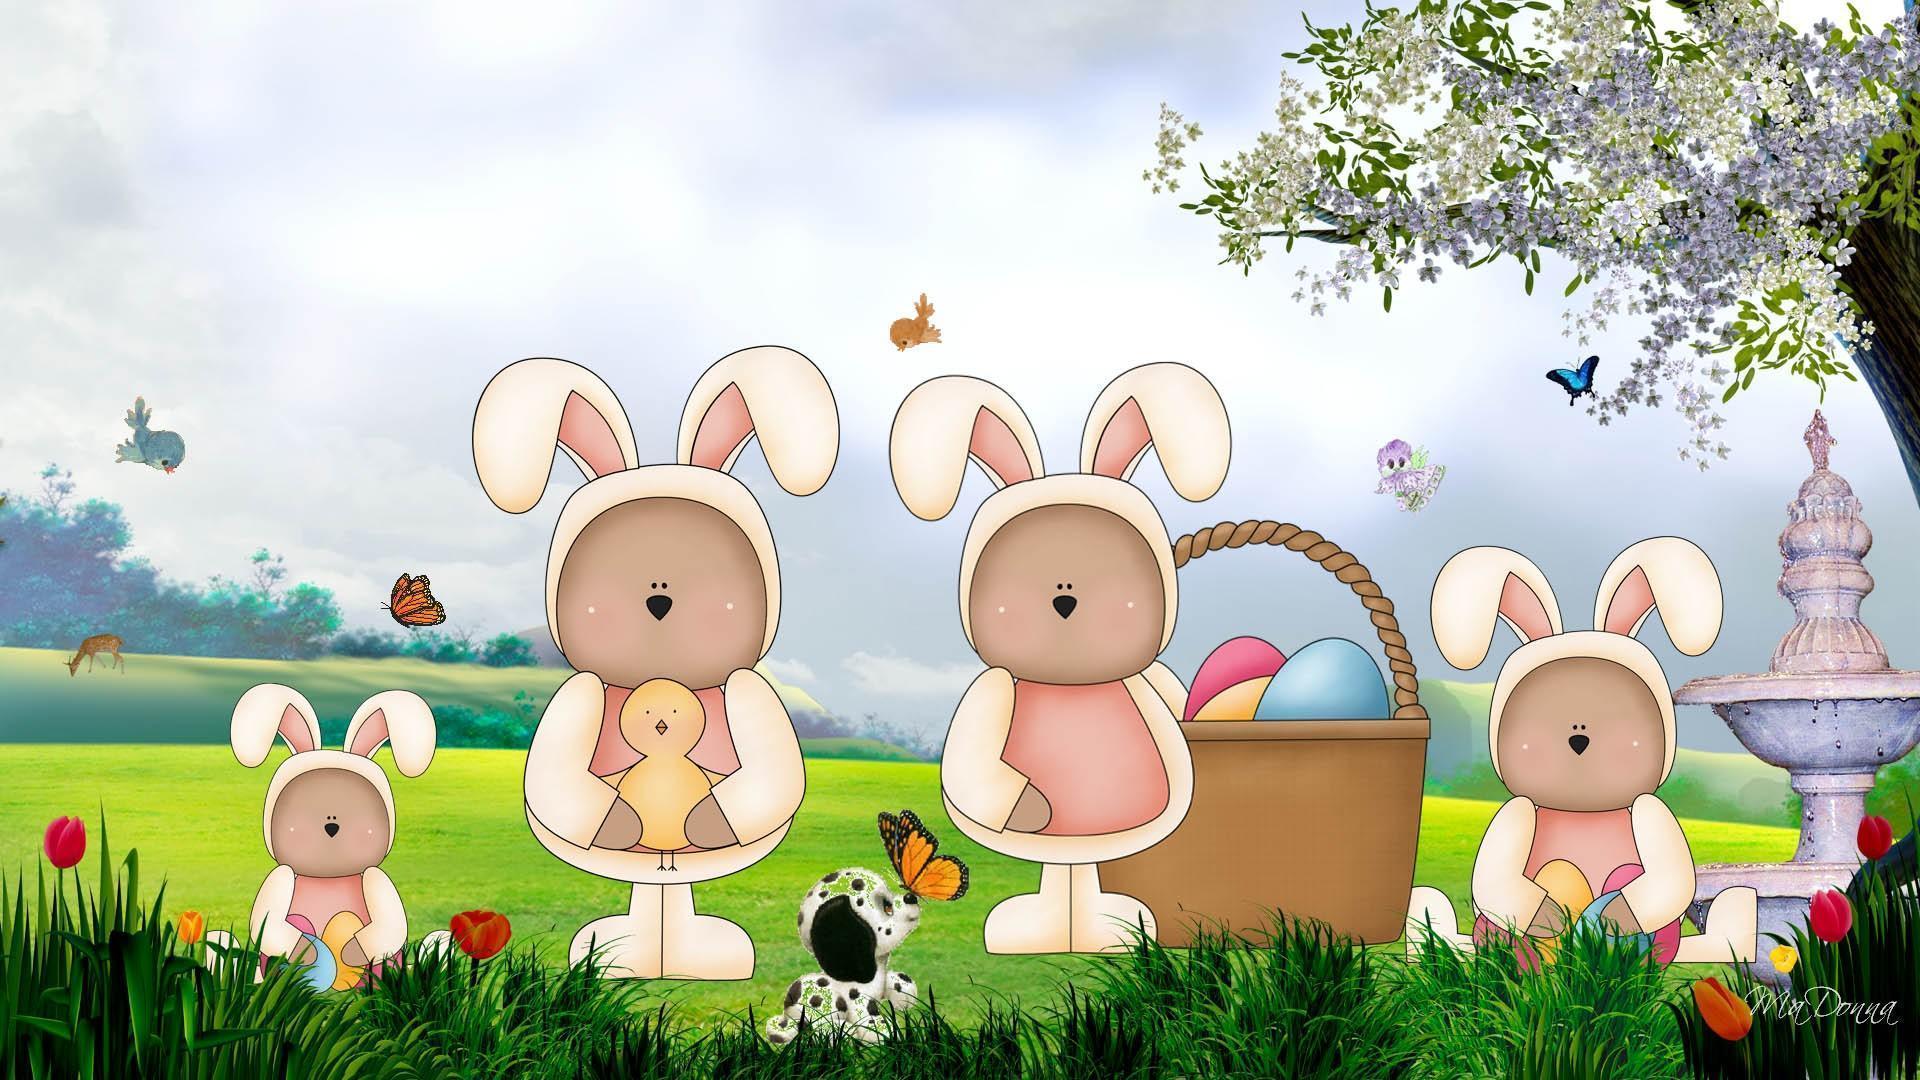 Easter Bunny Desktop Wallpapers 1920x1080